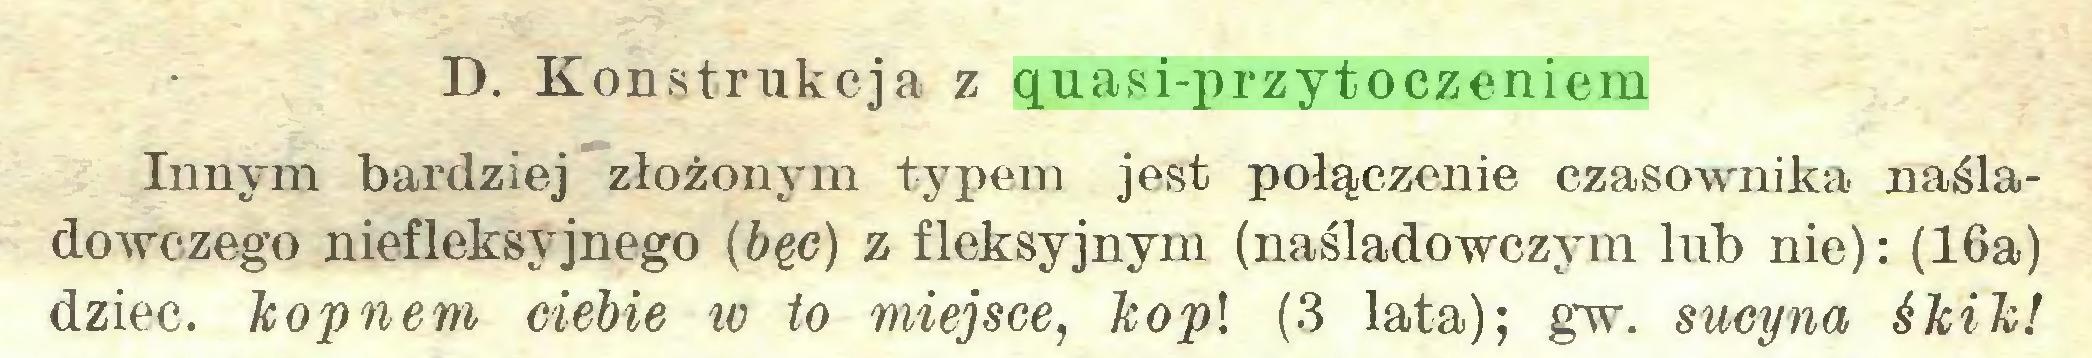 (...) D. Konstrukcja z quasi-przytoczeniem Innym bardziej złożonym typem jest połączenie czasownika naśladowczego niefleksyjnego (bęc) z fleksyjnym (naśladowczym lub nie): (16a) dziec. kopnem ciebie w to miejsce, kopi (3 lata); gw. sucyna śkik!...